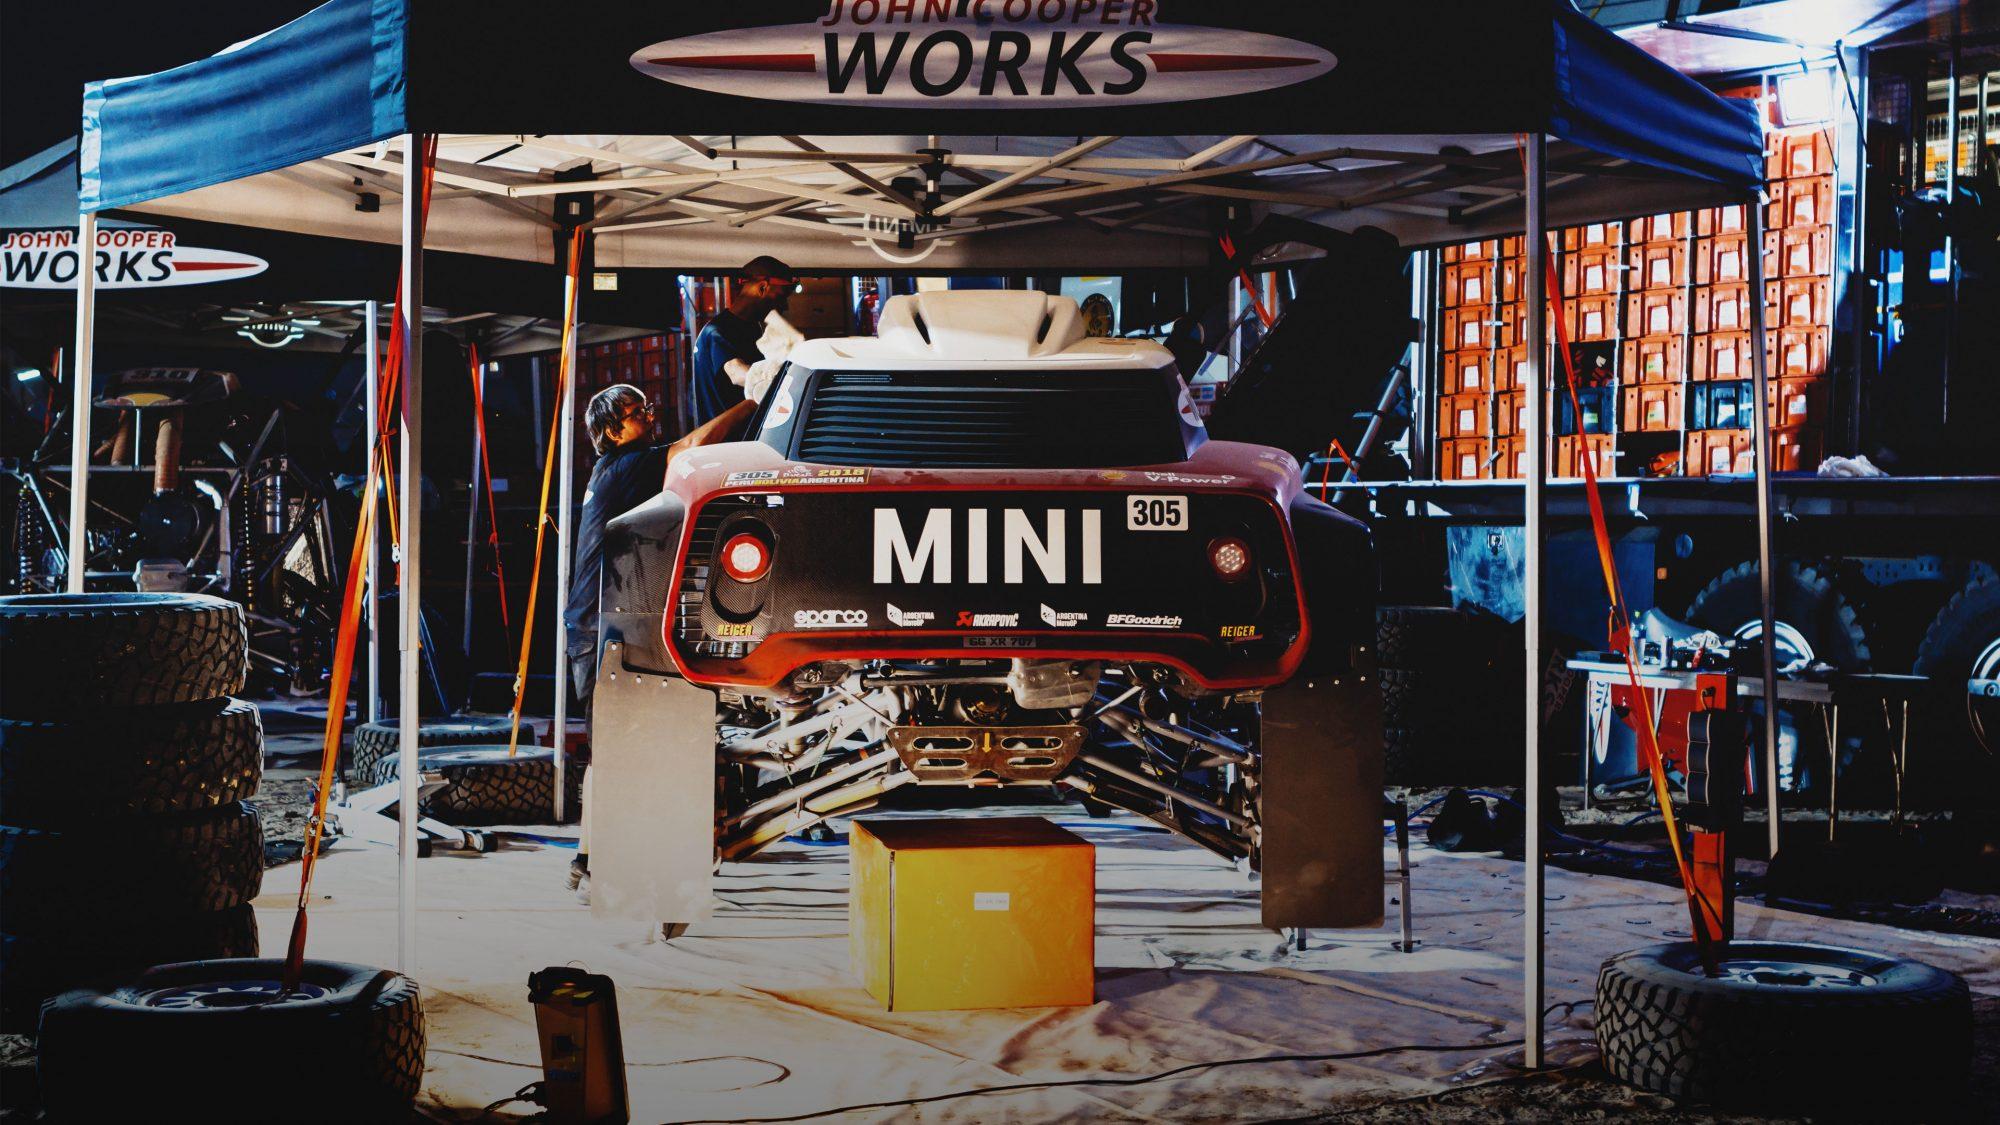 Dakar Rally, 2018 Pisco Peru